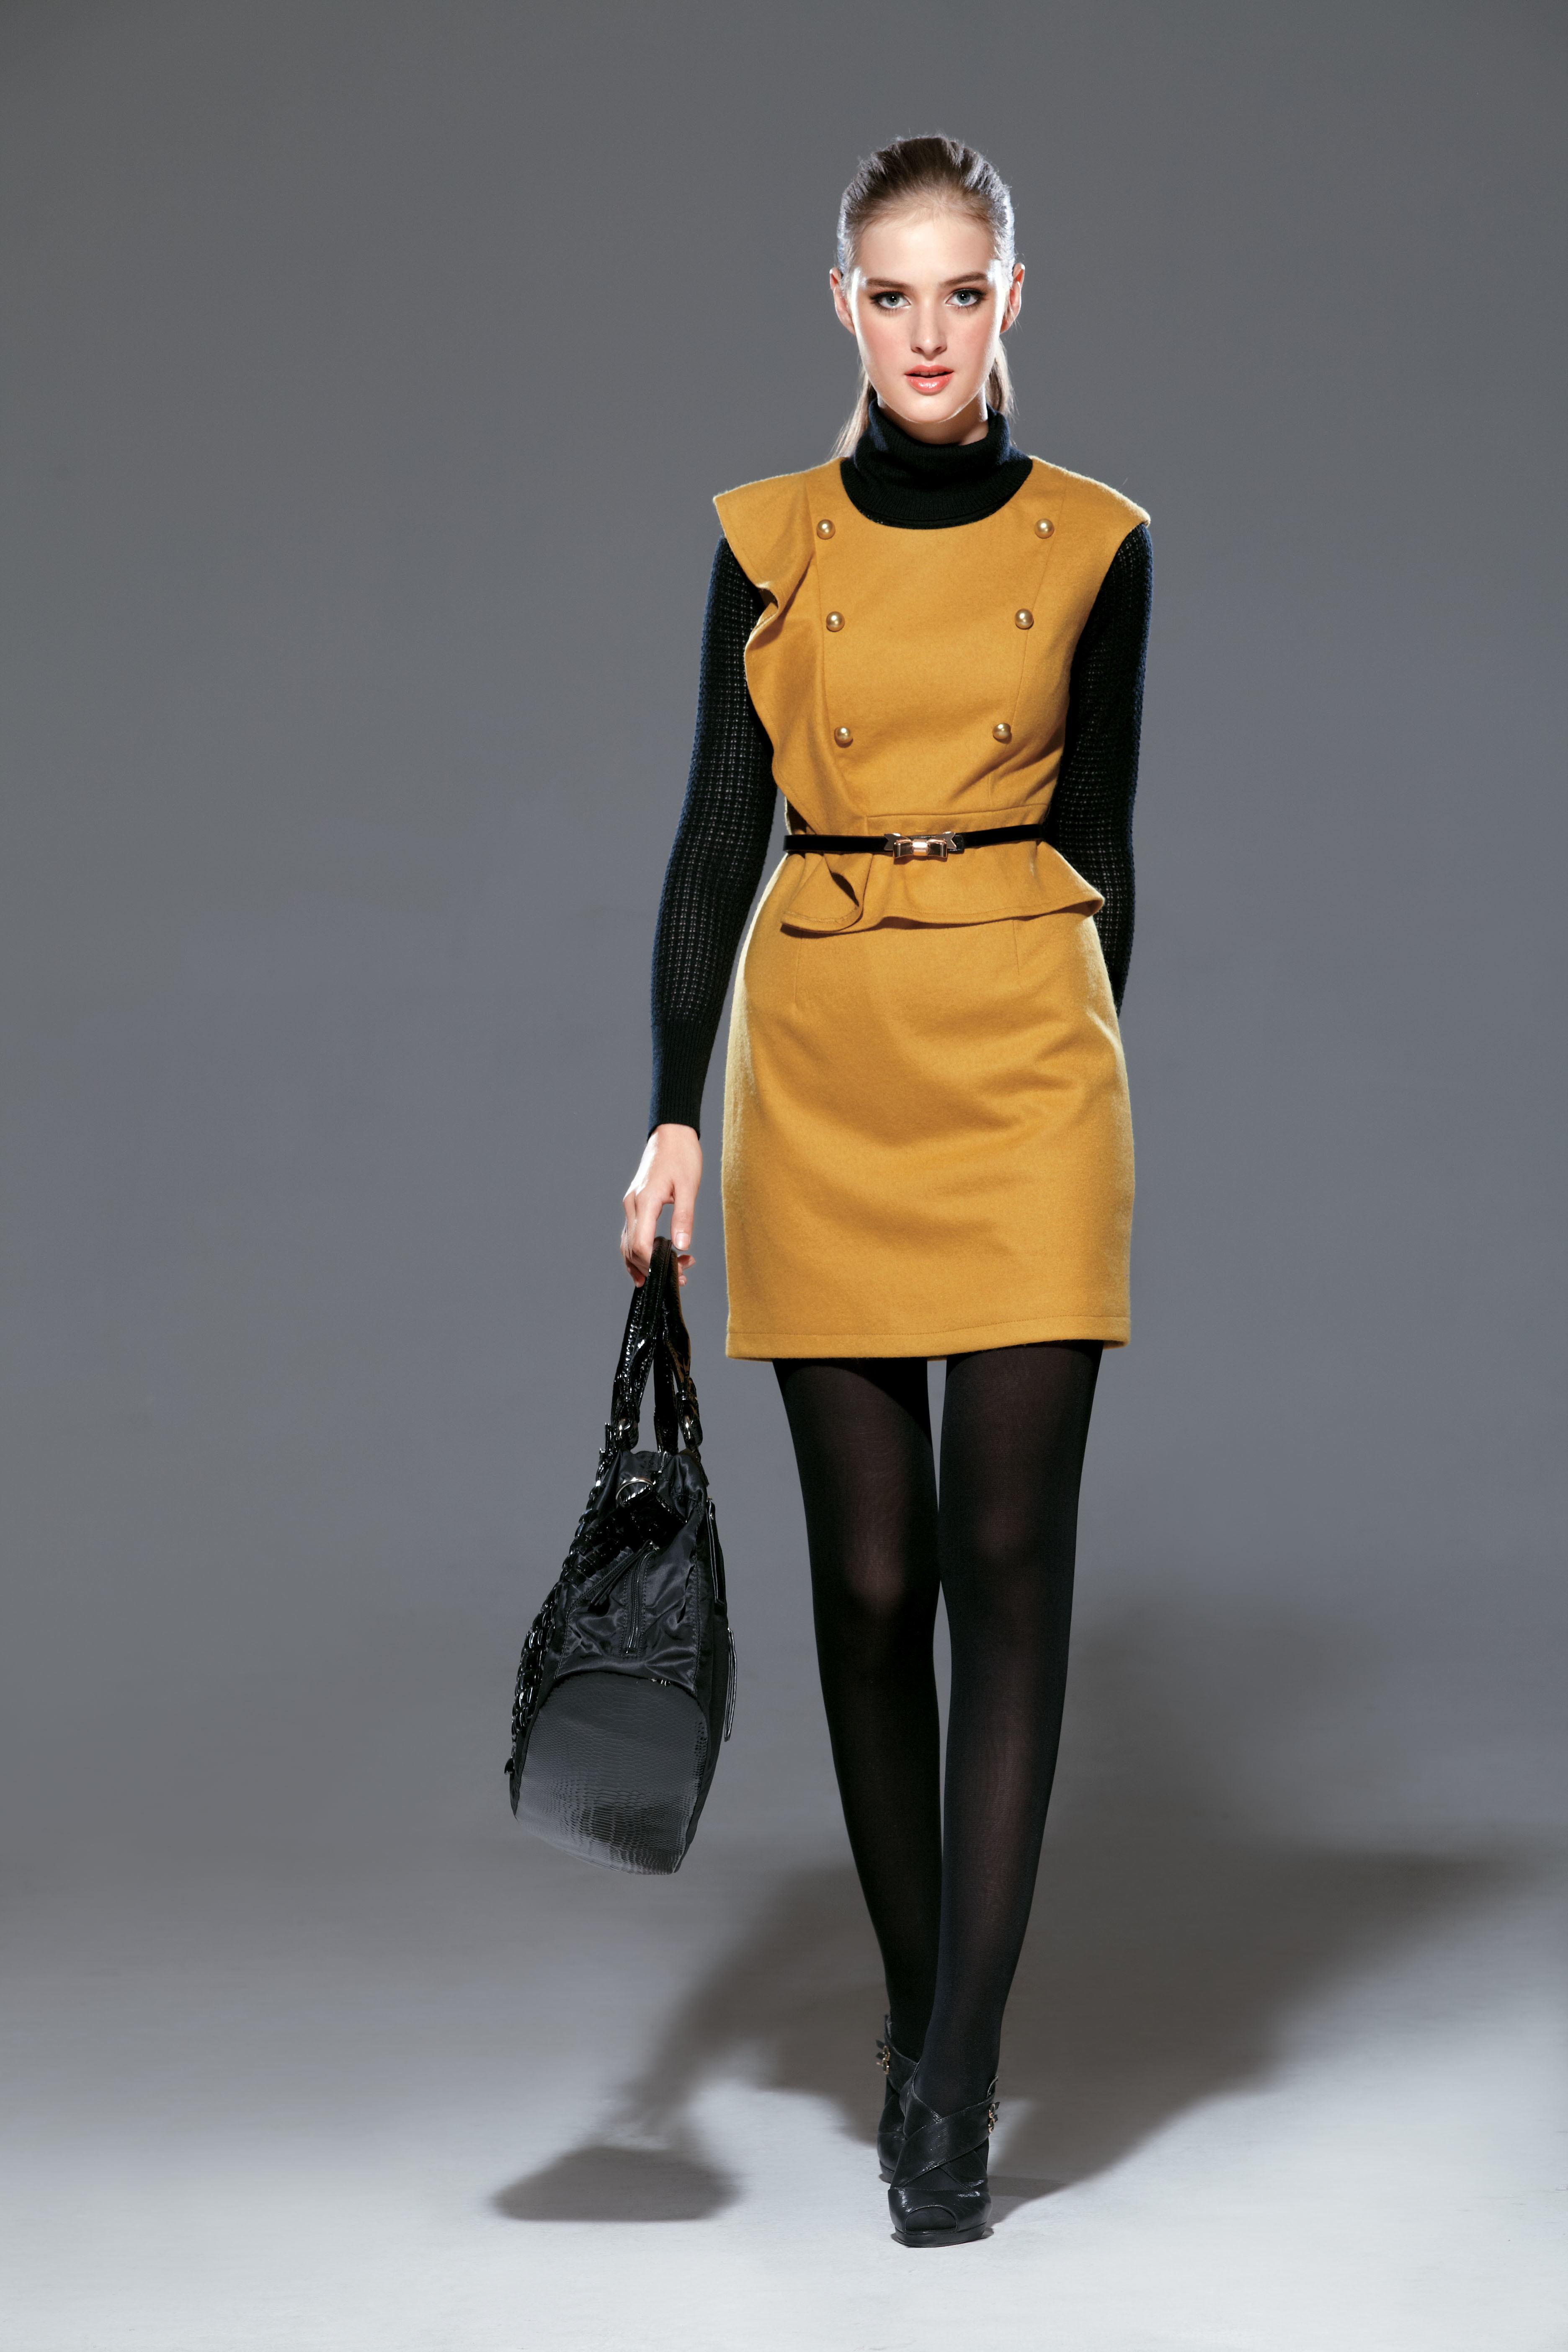 【seductessa斯妲黛莎】---优雅女装倍受追求时尚女性的青睐,诚邀加盟